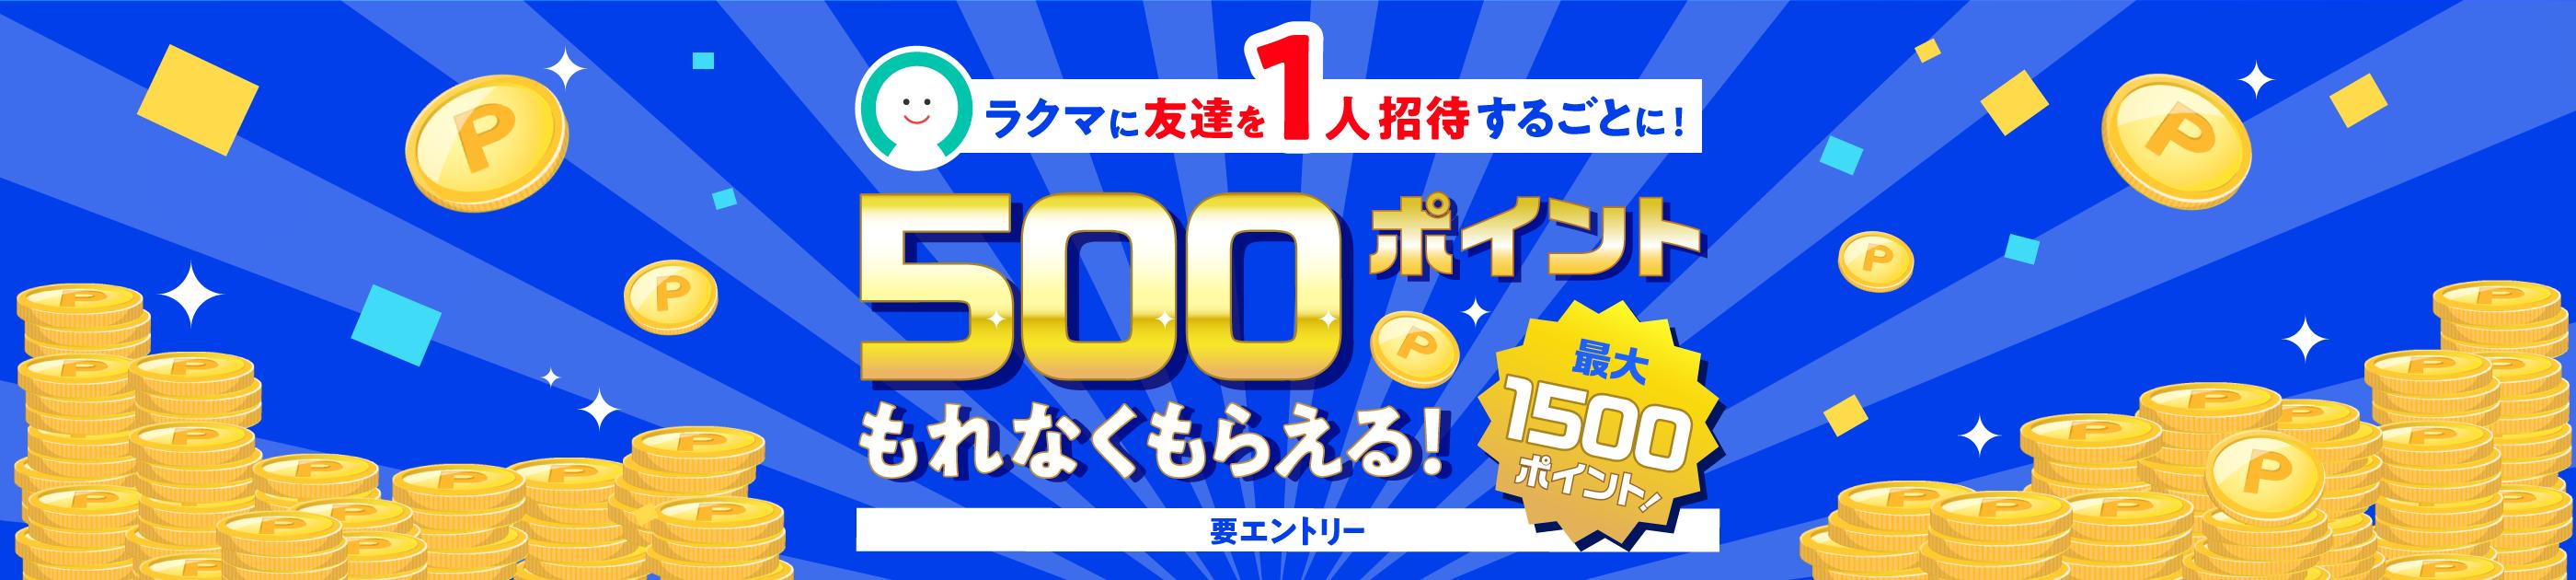 楽天のフリマアプリ「ラクマ」で友人を招待すると自分も相手も1000ポイントが貰える。~9/30。